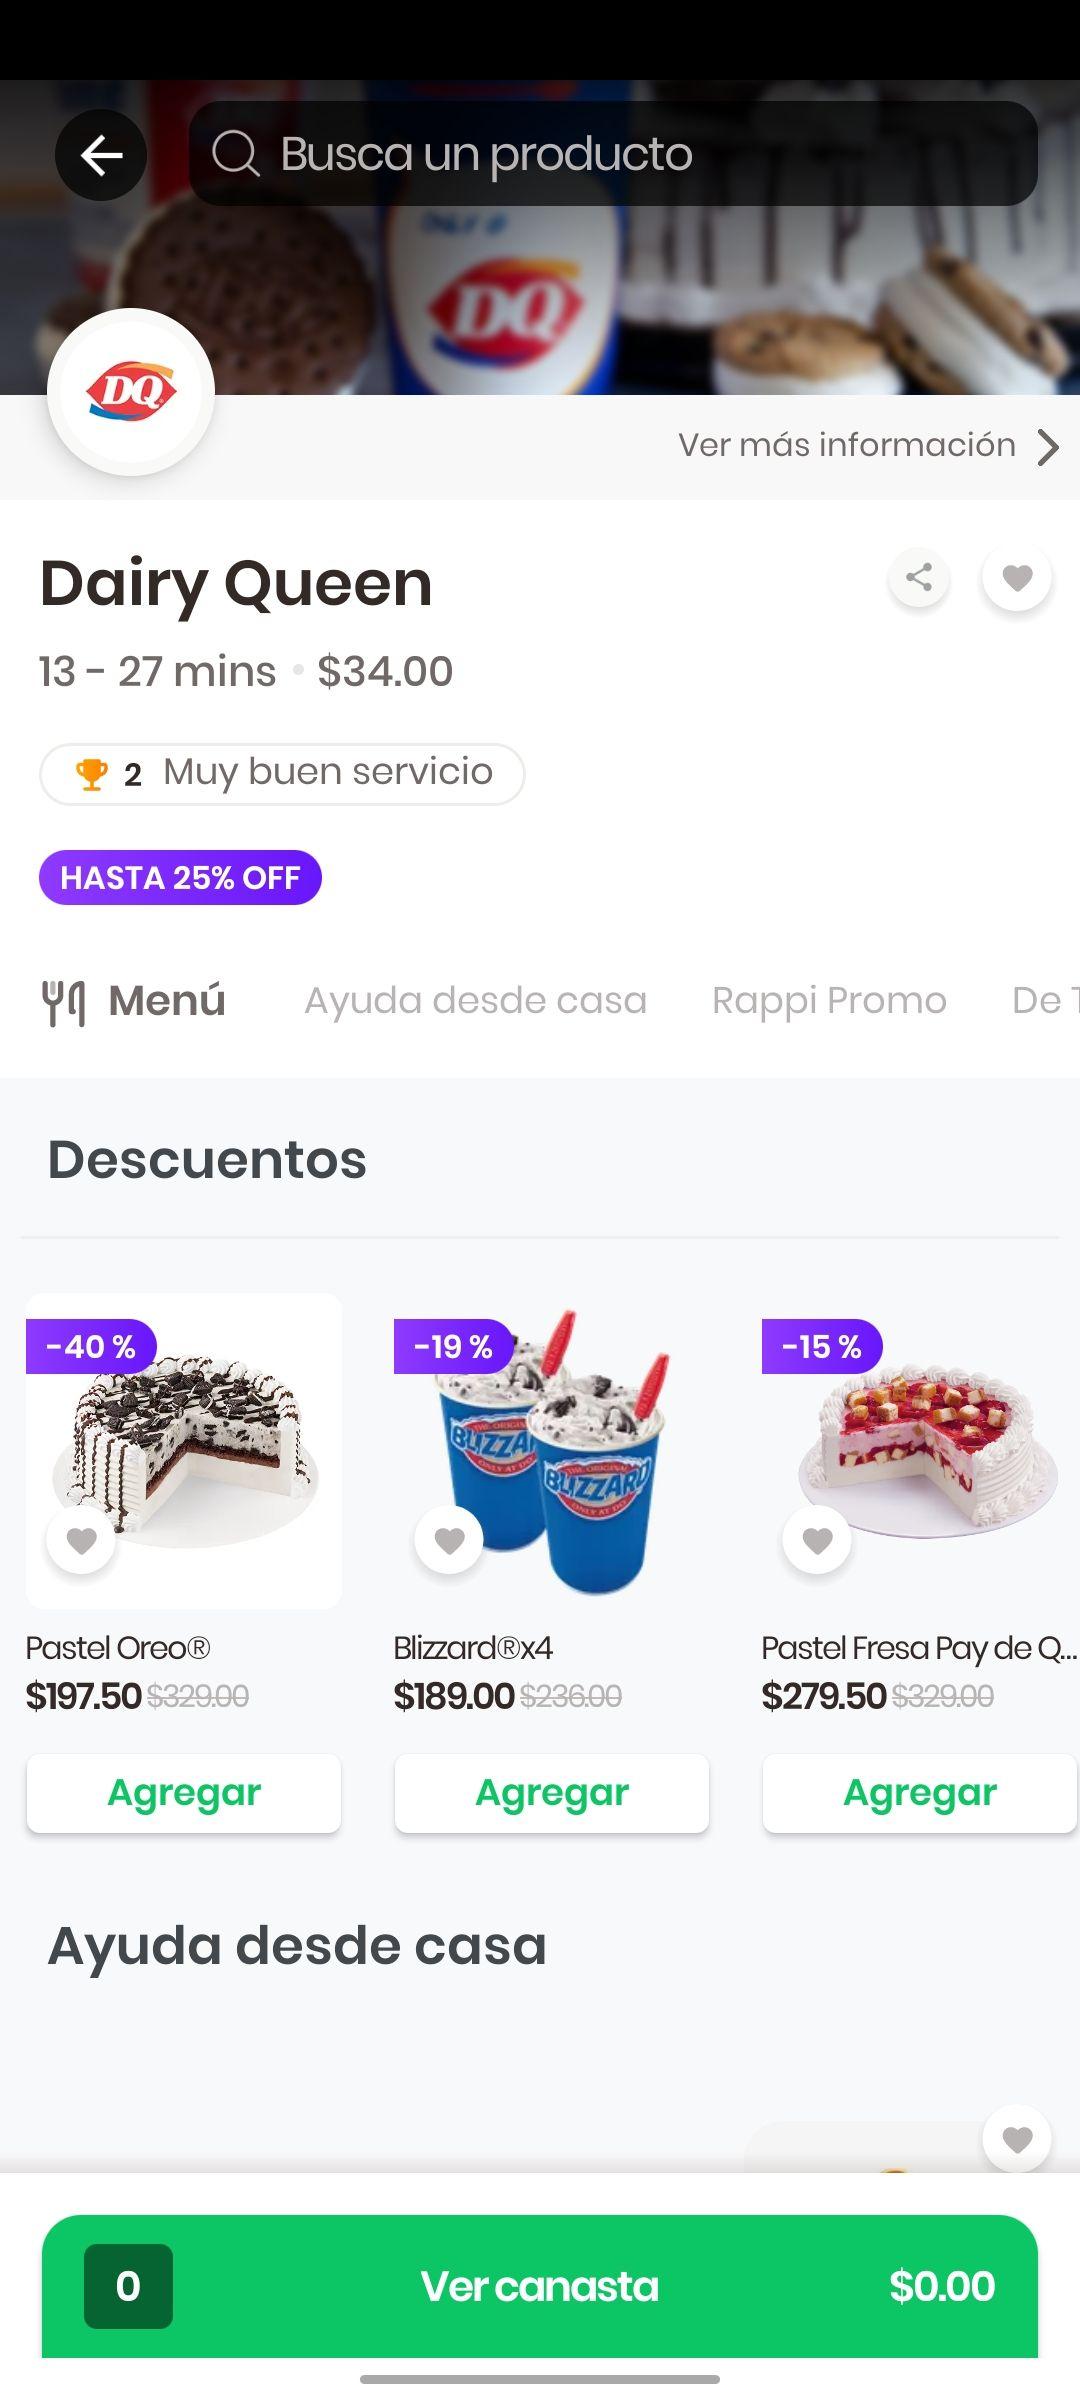 Rappi y Dairy Queen Colima: pastel oreo 40% de descuento y más